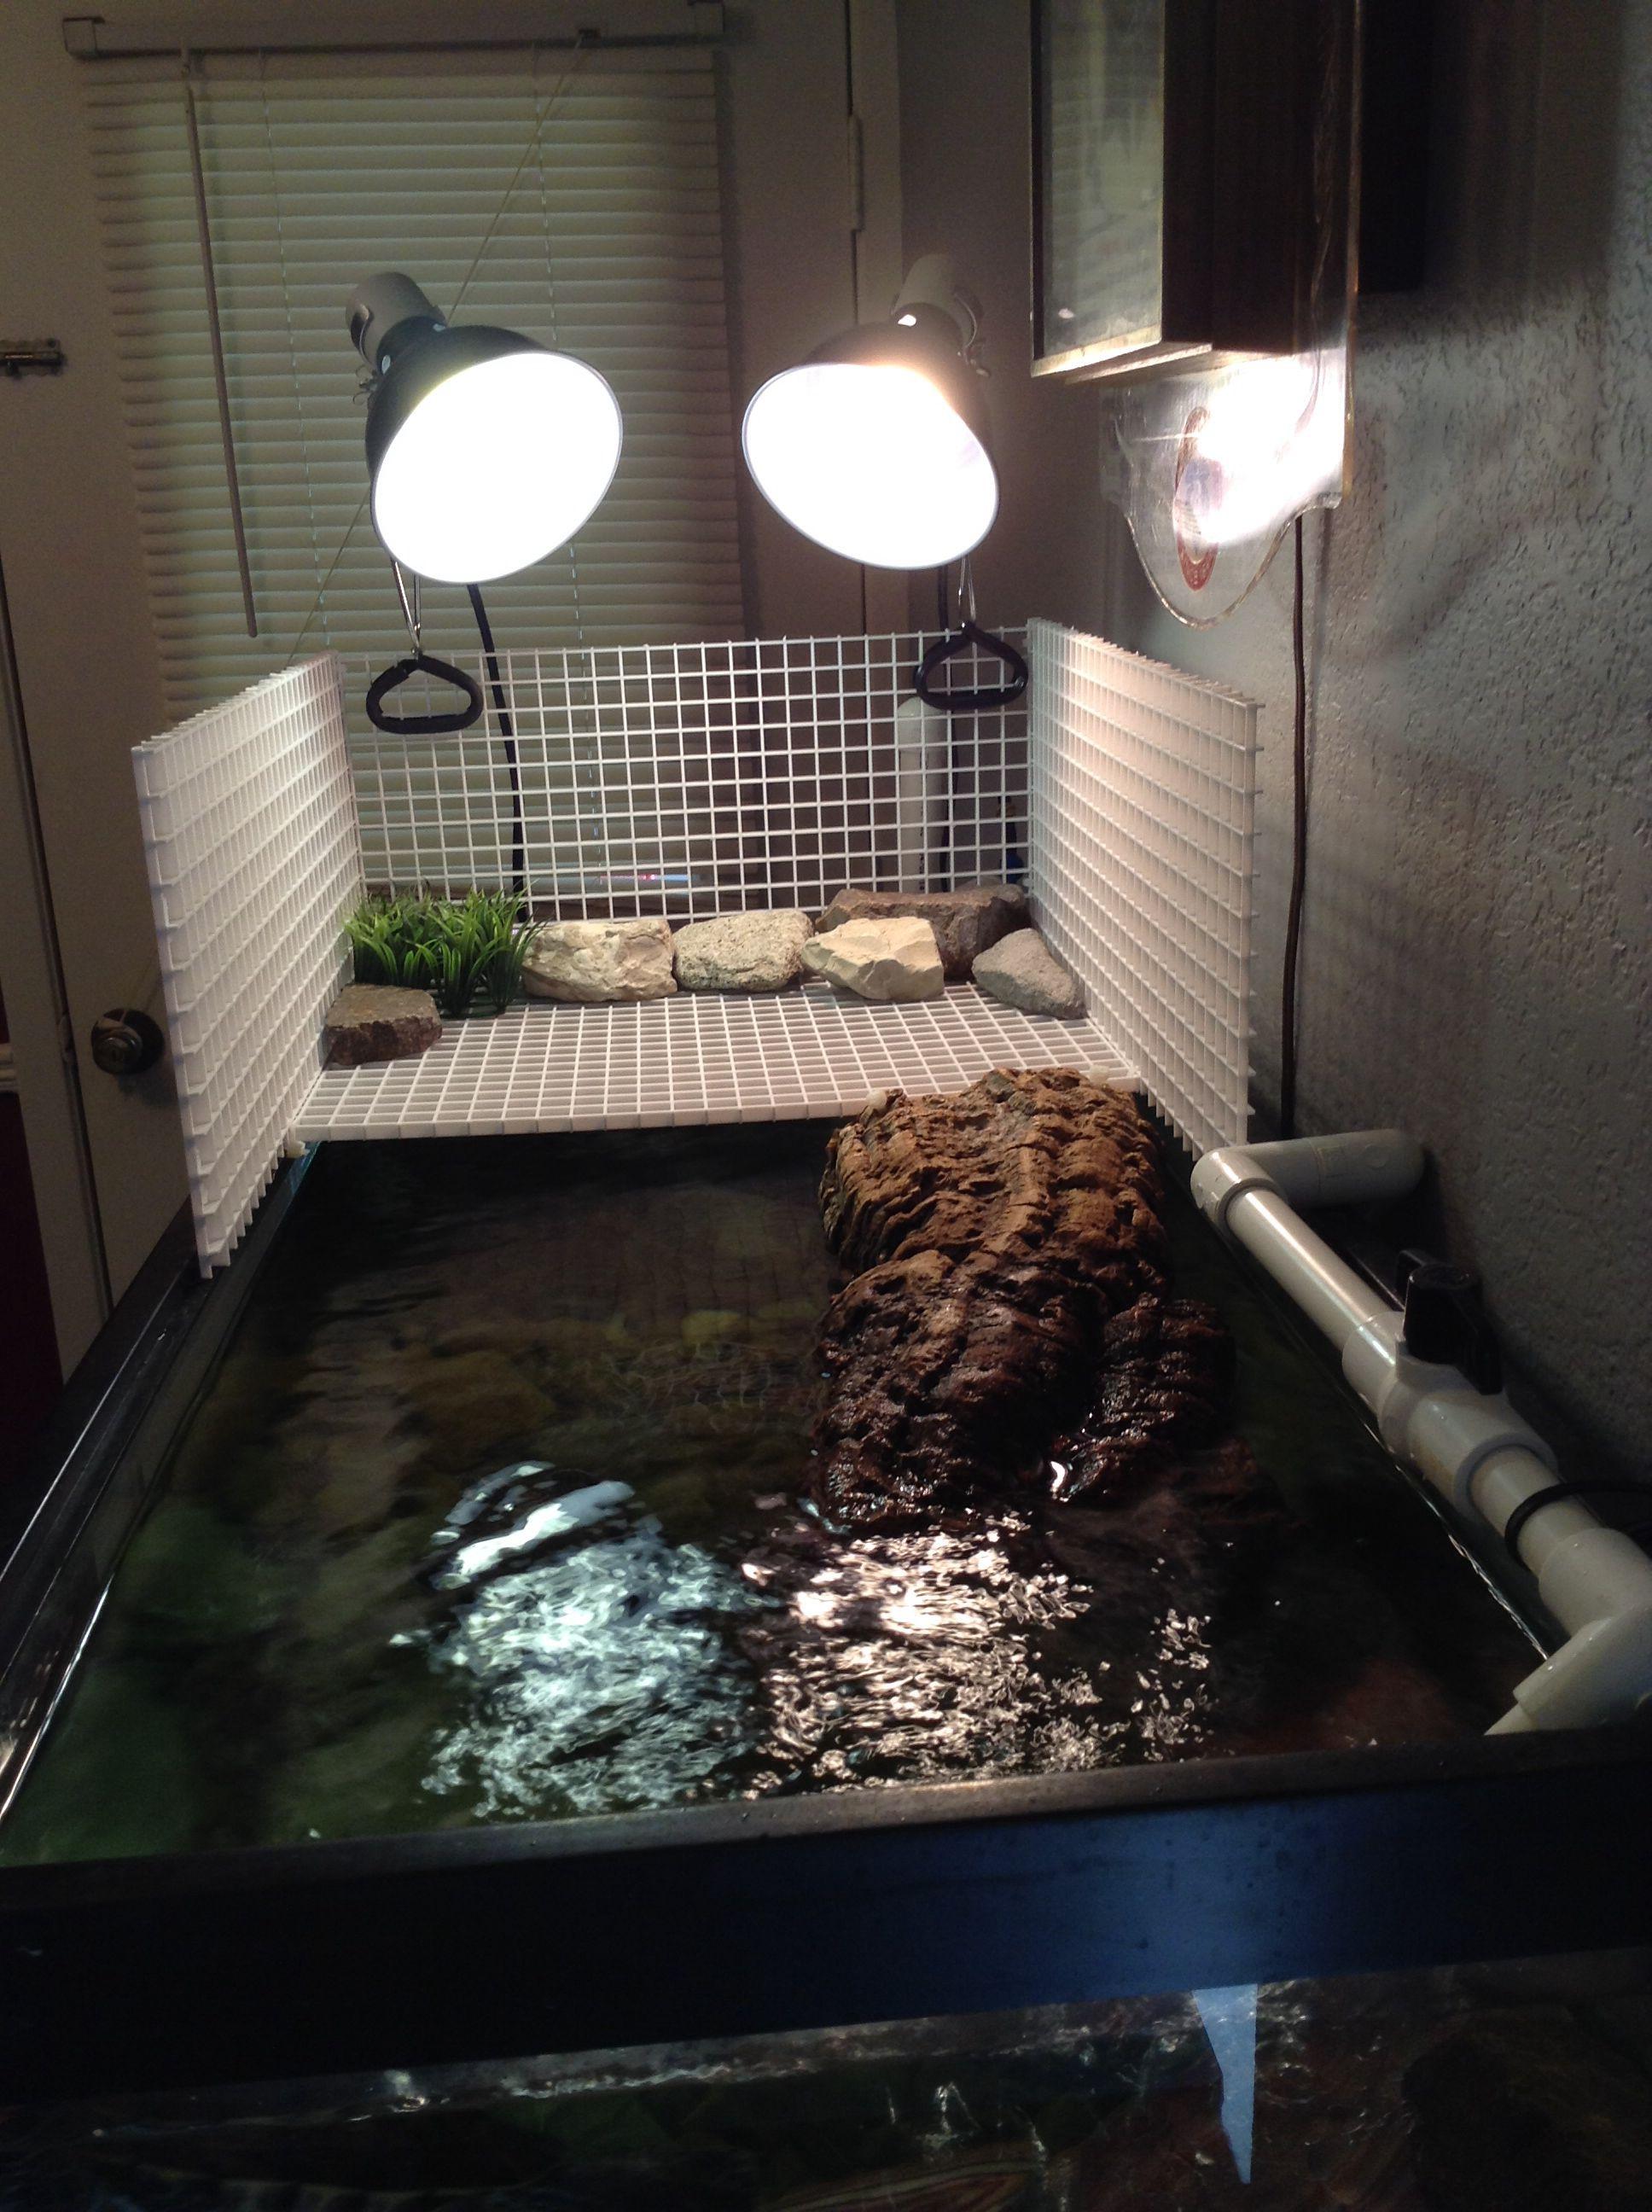 Turtle Basking Area I Like The Basking Area But I Would